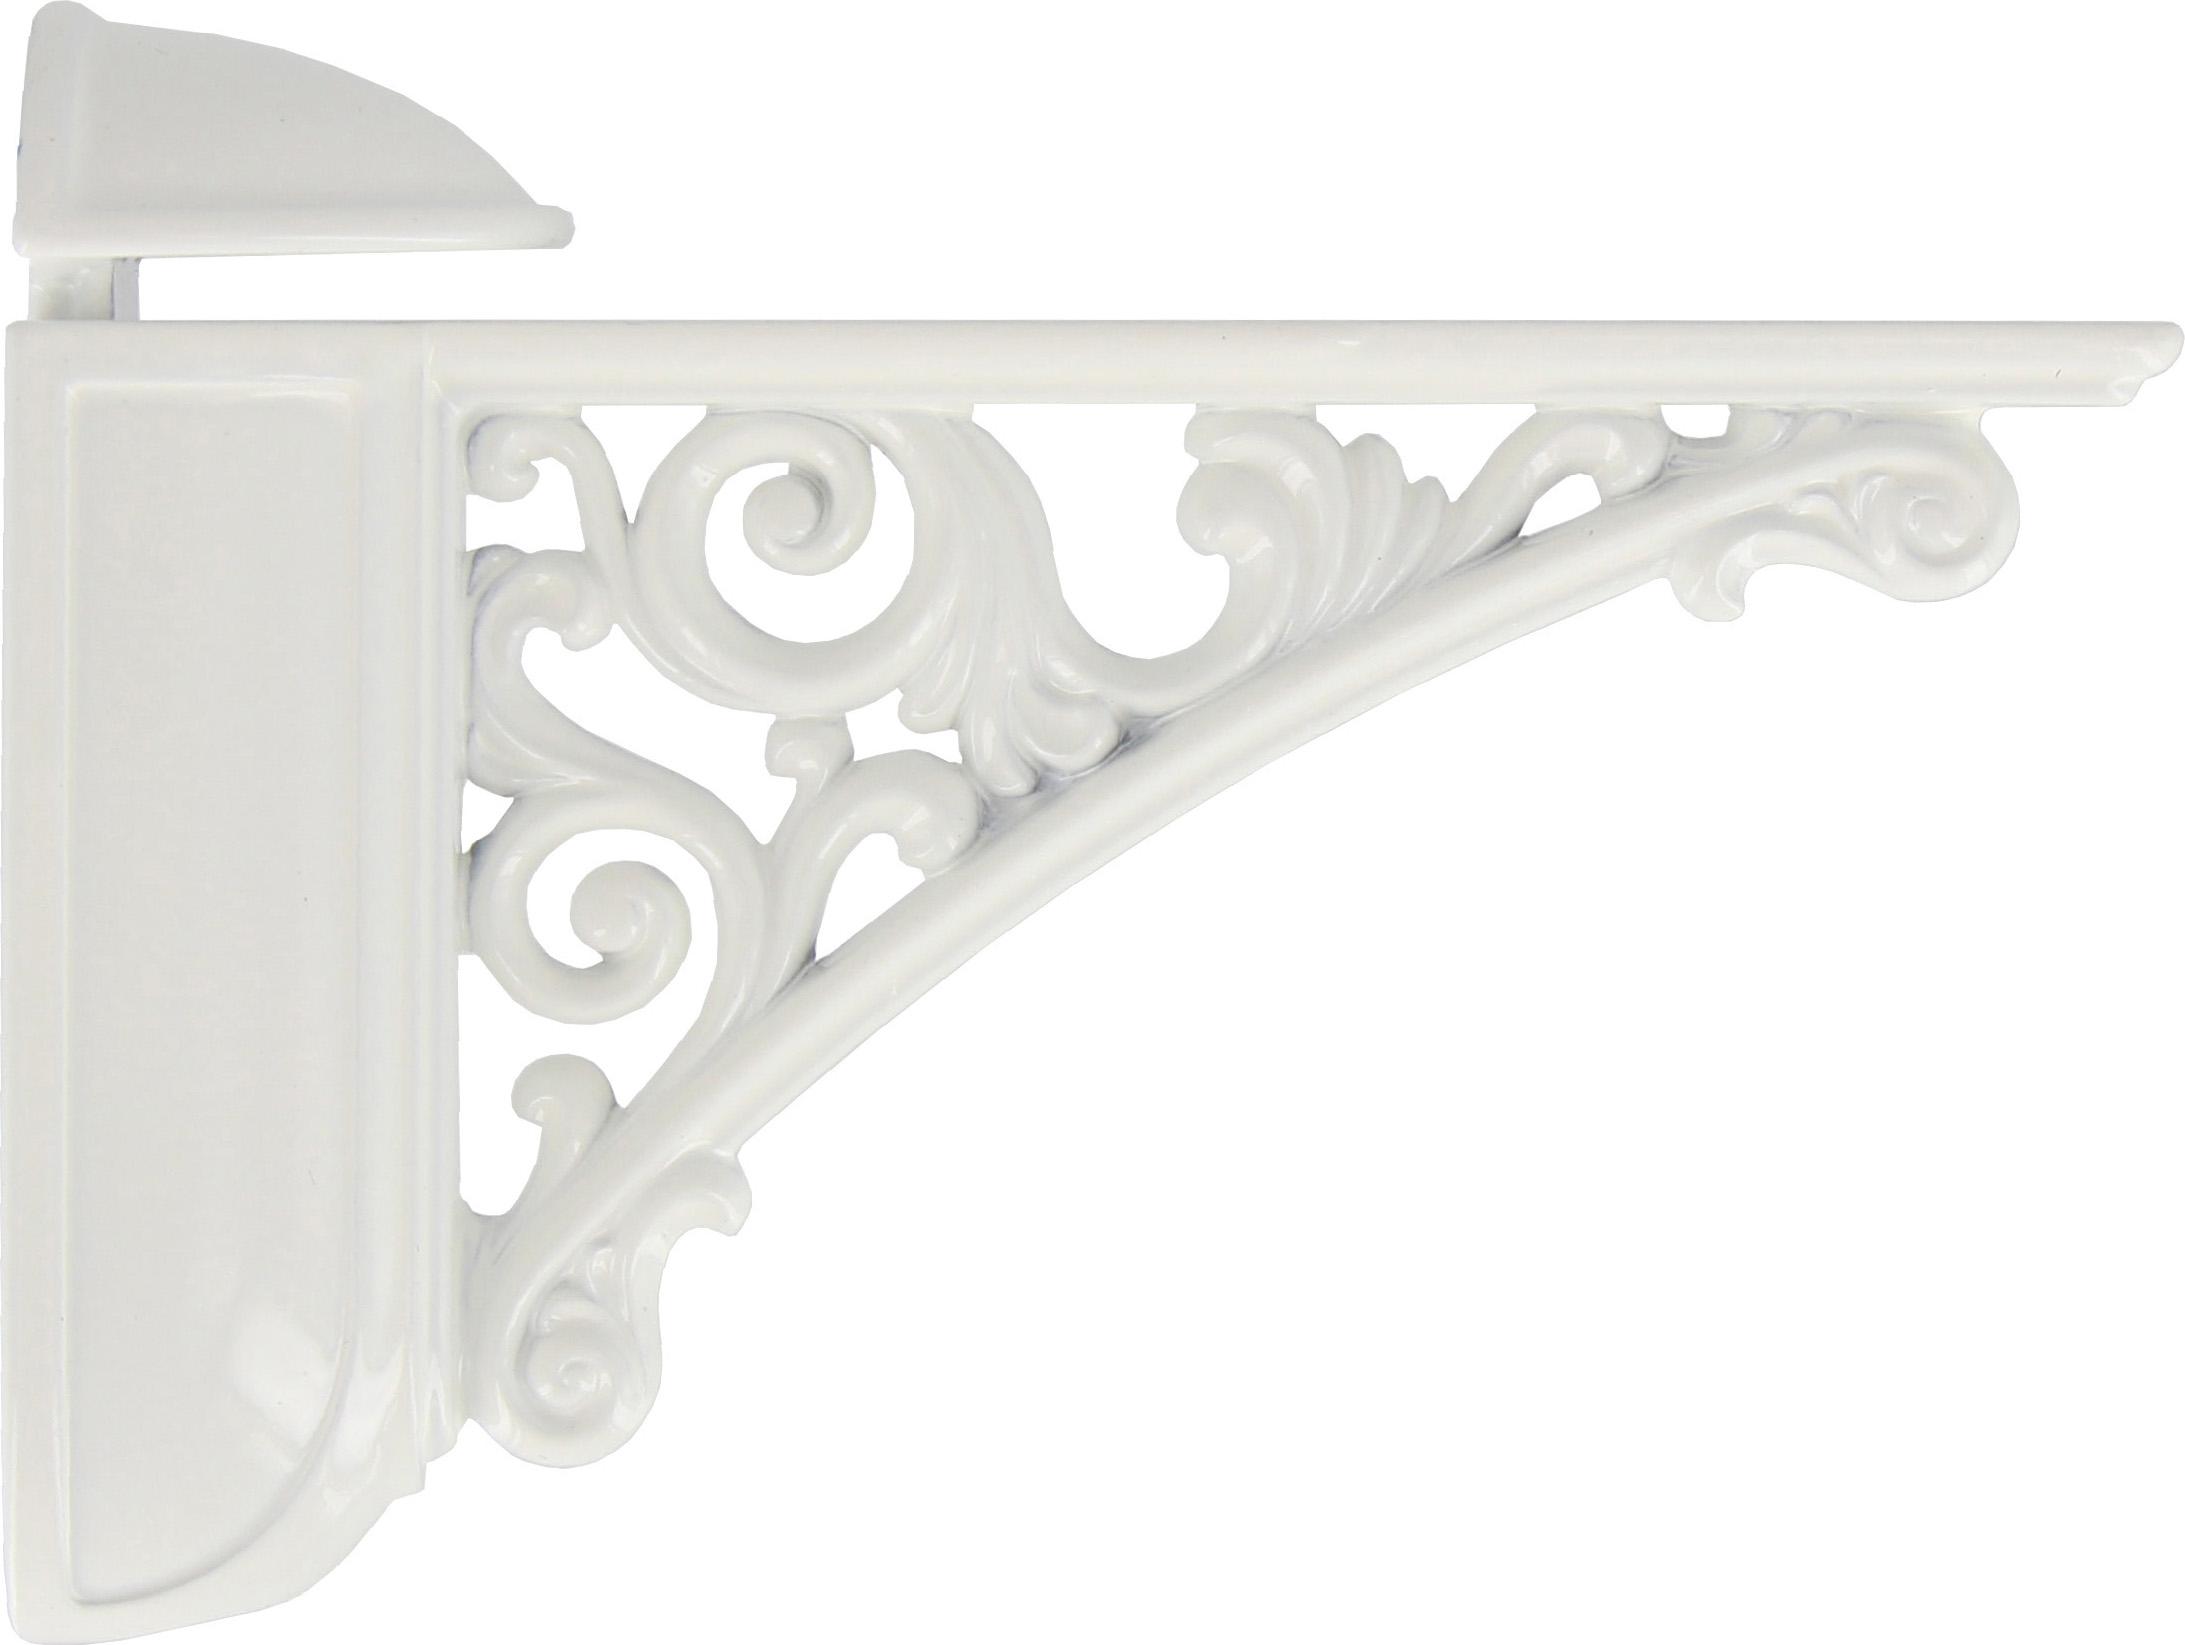 Zanche Per Mensole.Reggimensola Staffe Per Mensole In Zama 125x77 Cm Colore Bianco Lucido 42430